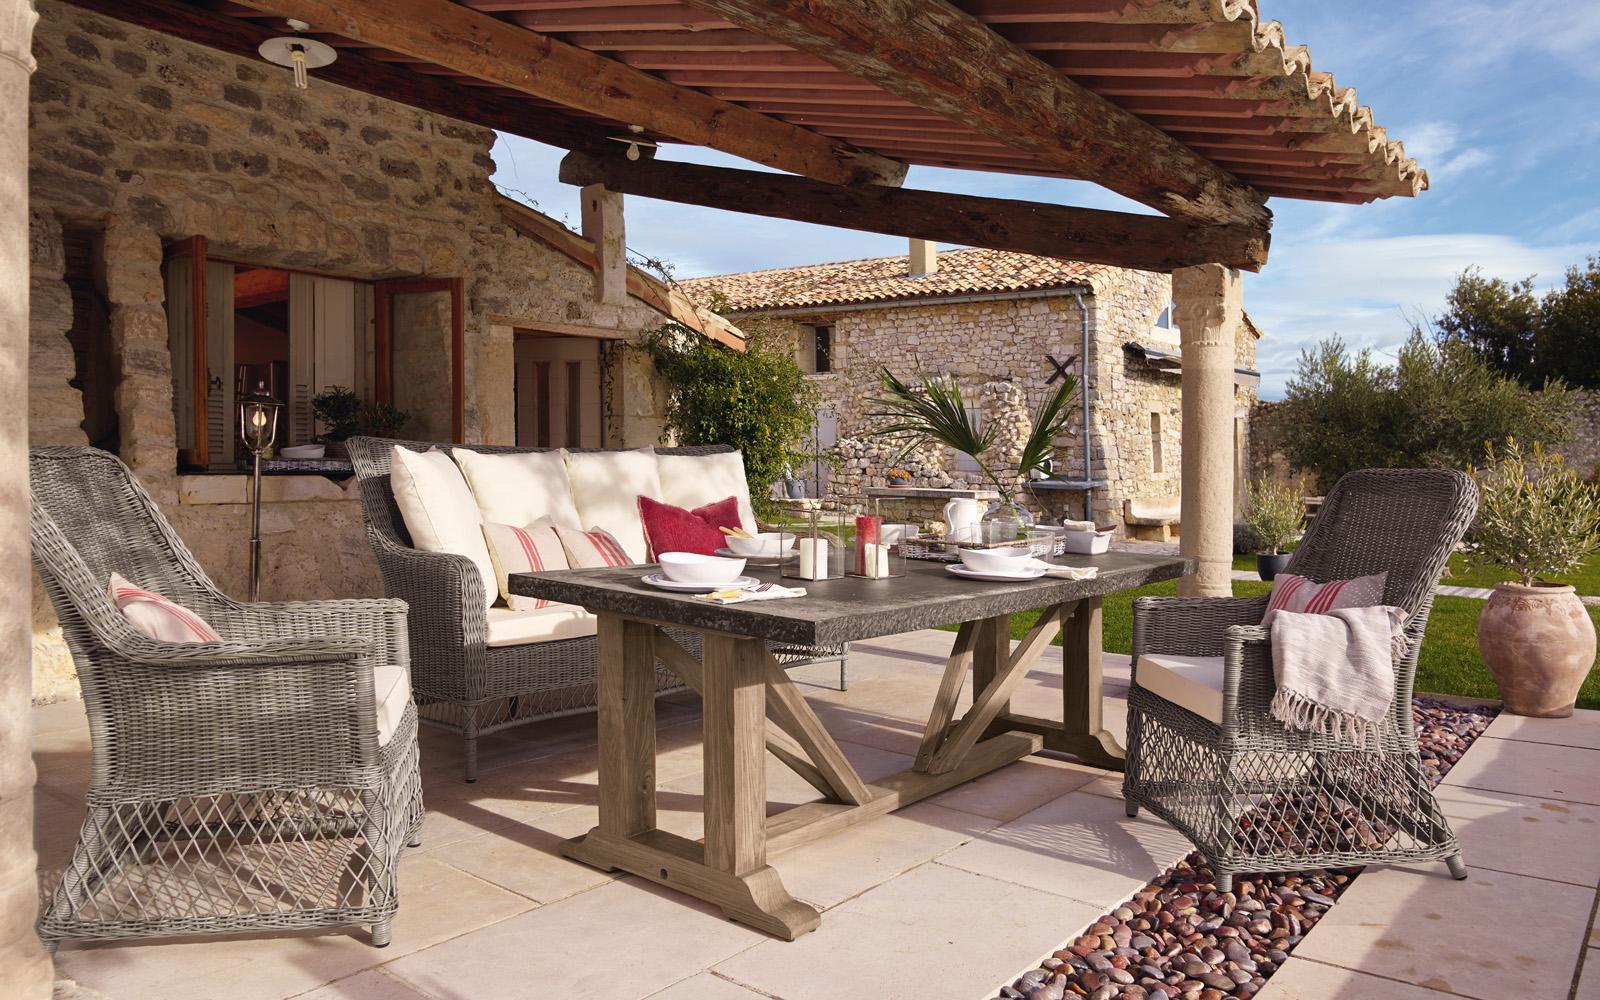 Gartengestaltung bilder ideen couchstyle - Mediterrane gartengestaltung ideen ...